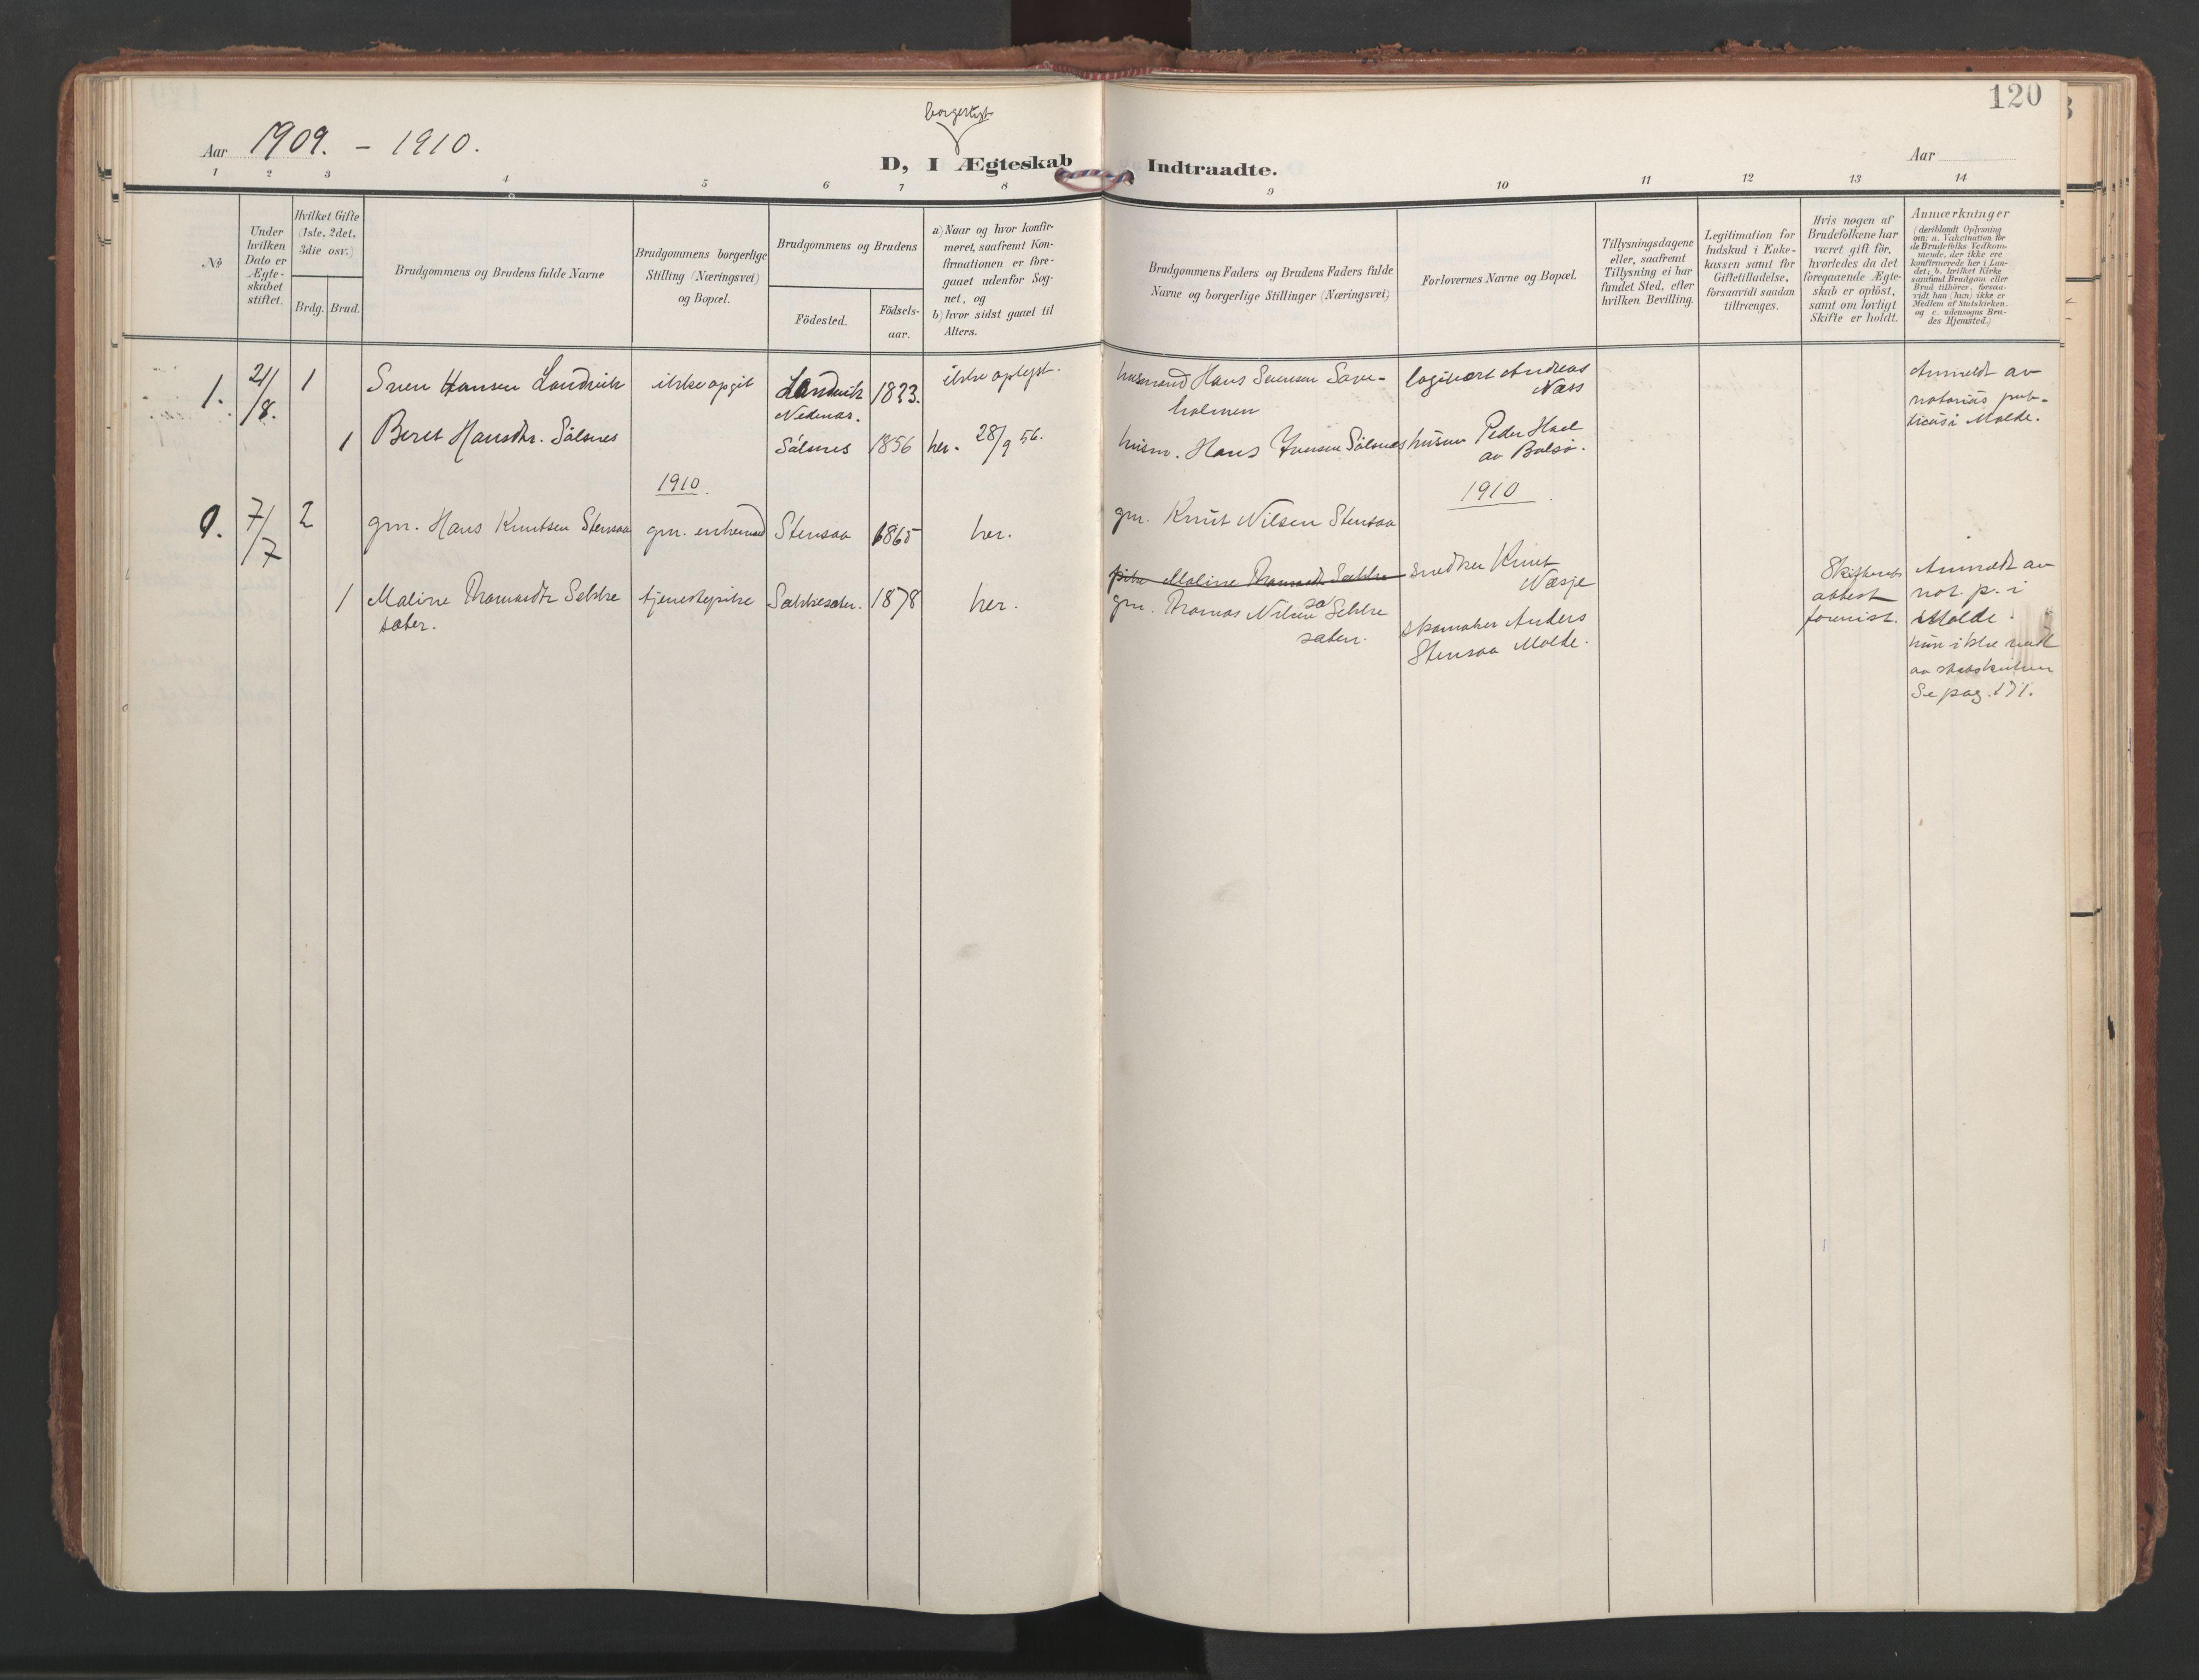 SAT, Ministerialprotokoller, klokkerbøker og fødselsregistre - Møre og Romsdal, 547/L0605: Ministerialbok nr. 547A07, 1907-1936, s. 120